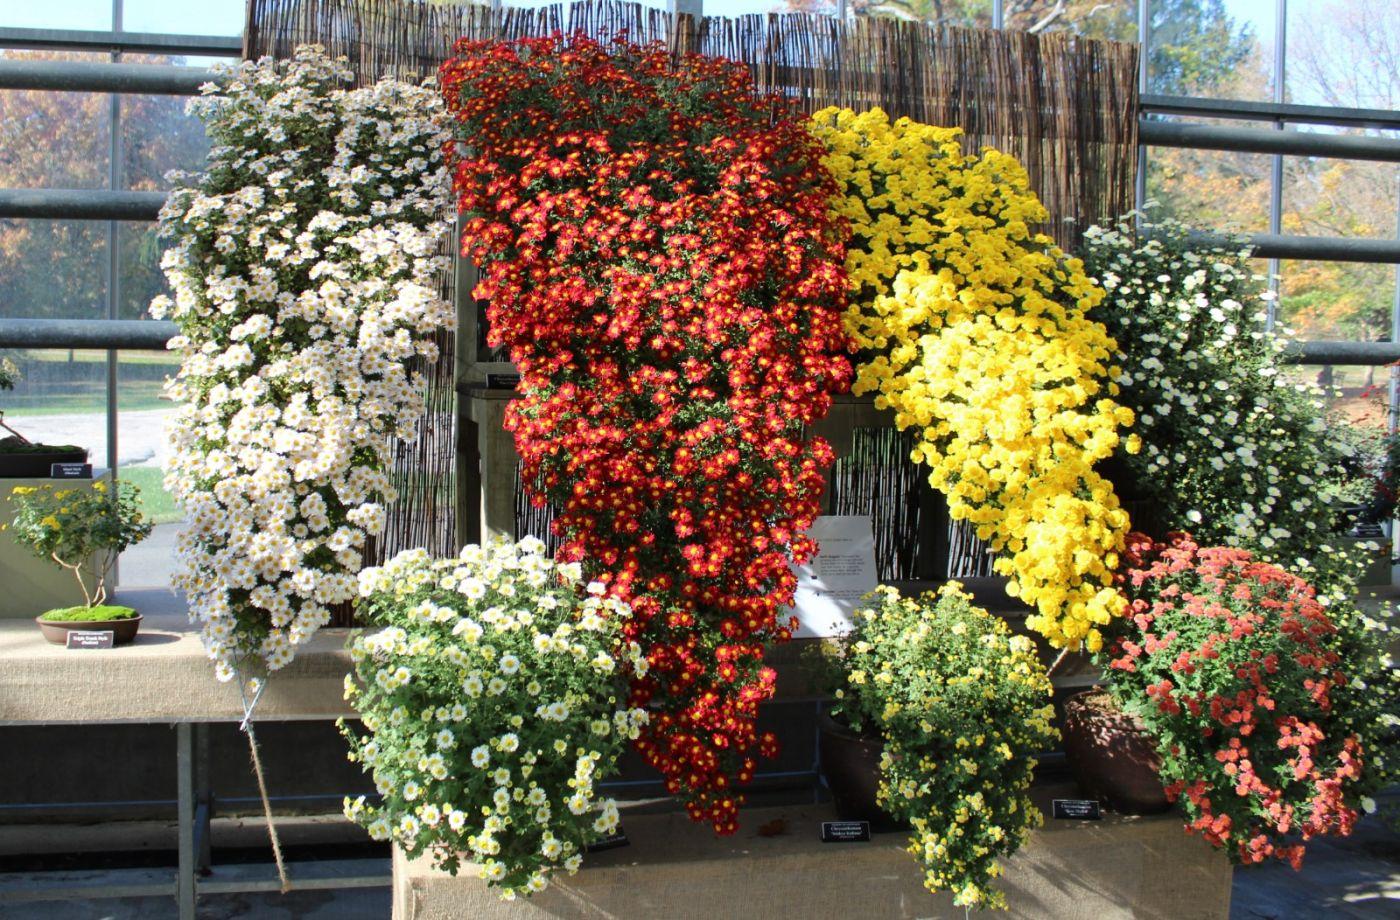 植物园日本菊花展_图1-36